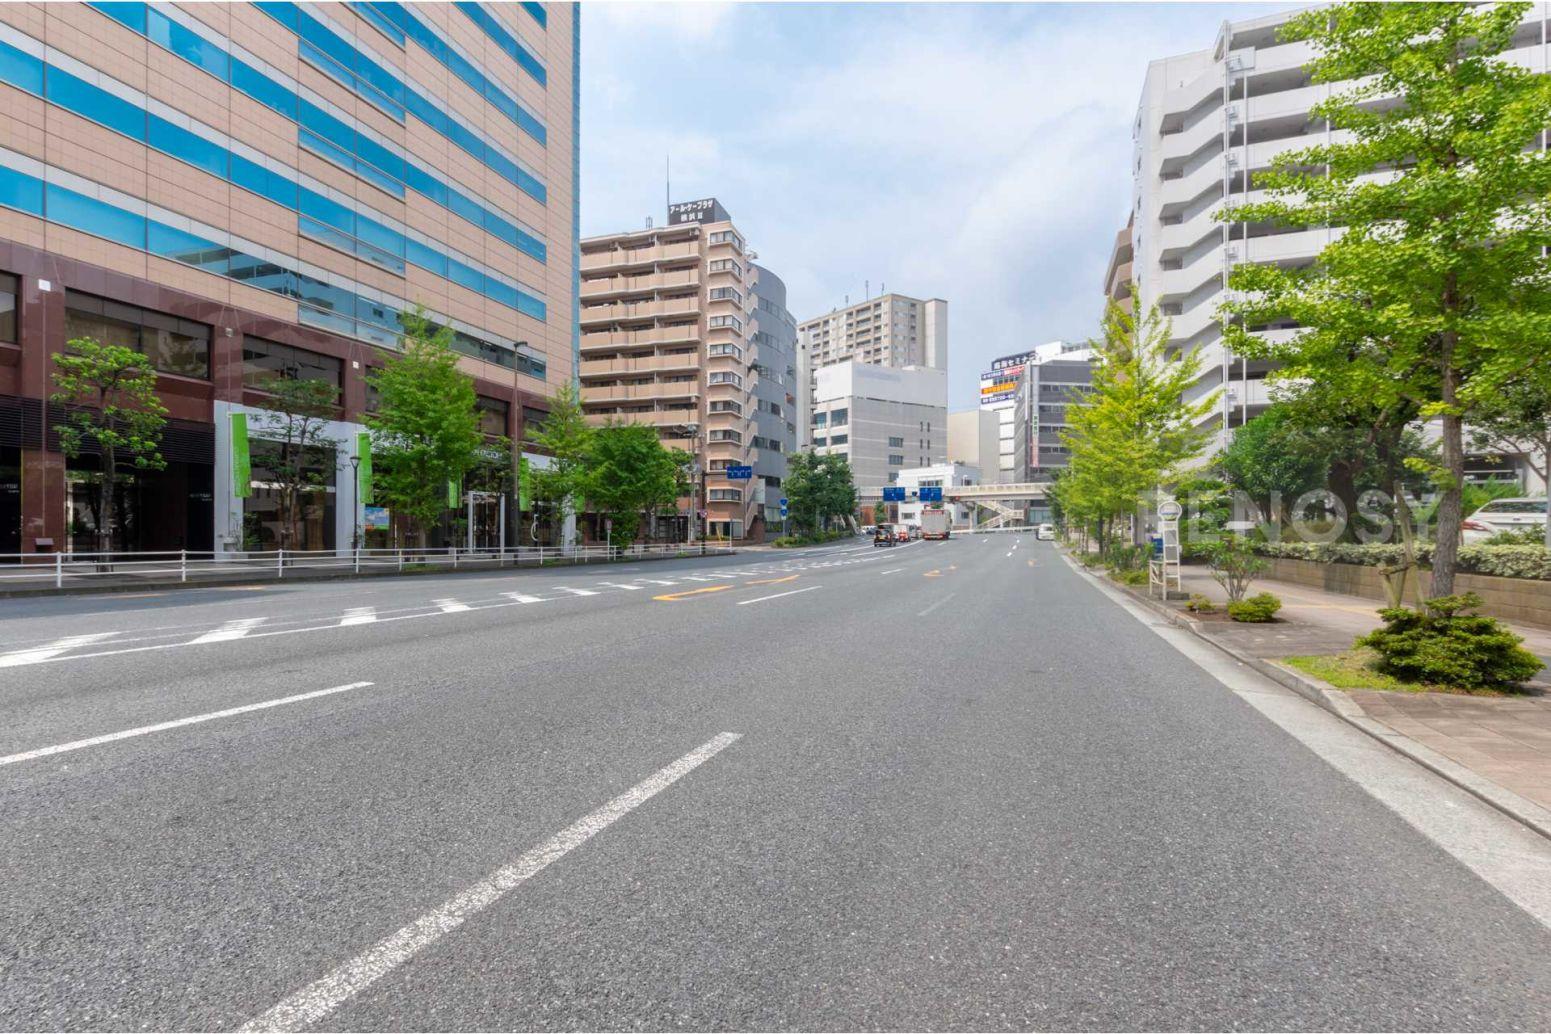 クレストフォルム横浜ポートサイド